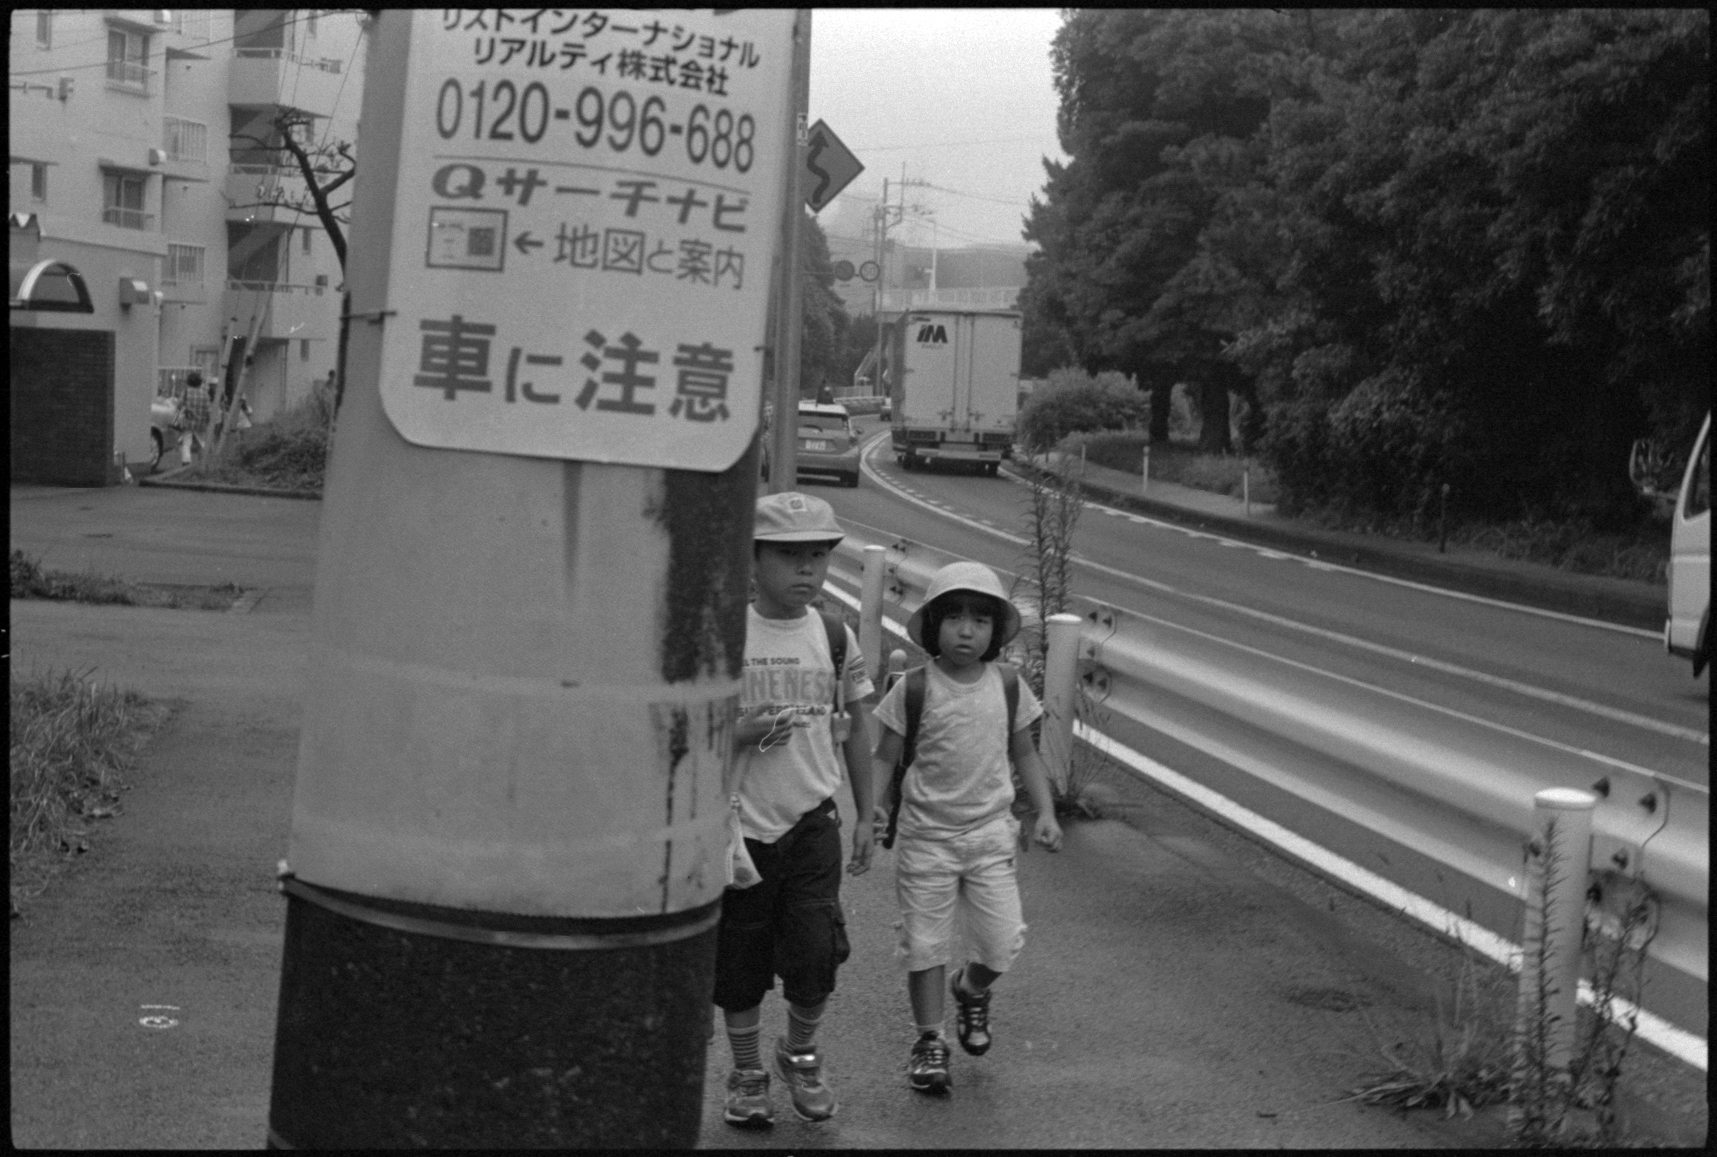 20140710 LeicaM4-P Summicron50 TX TMD 009